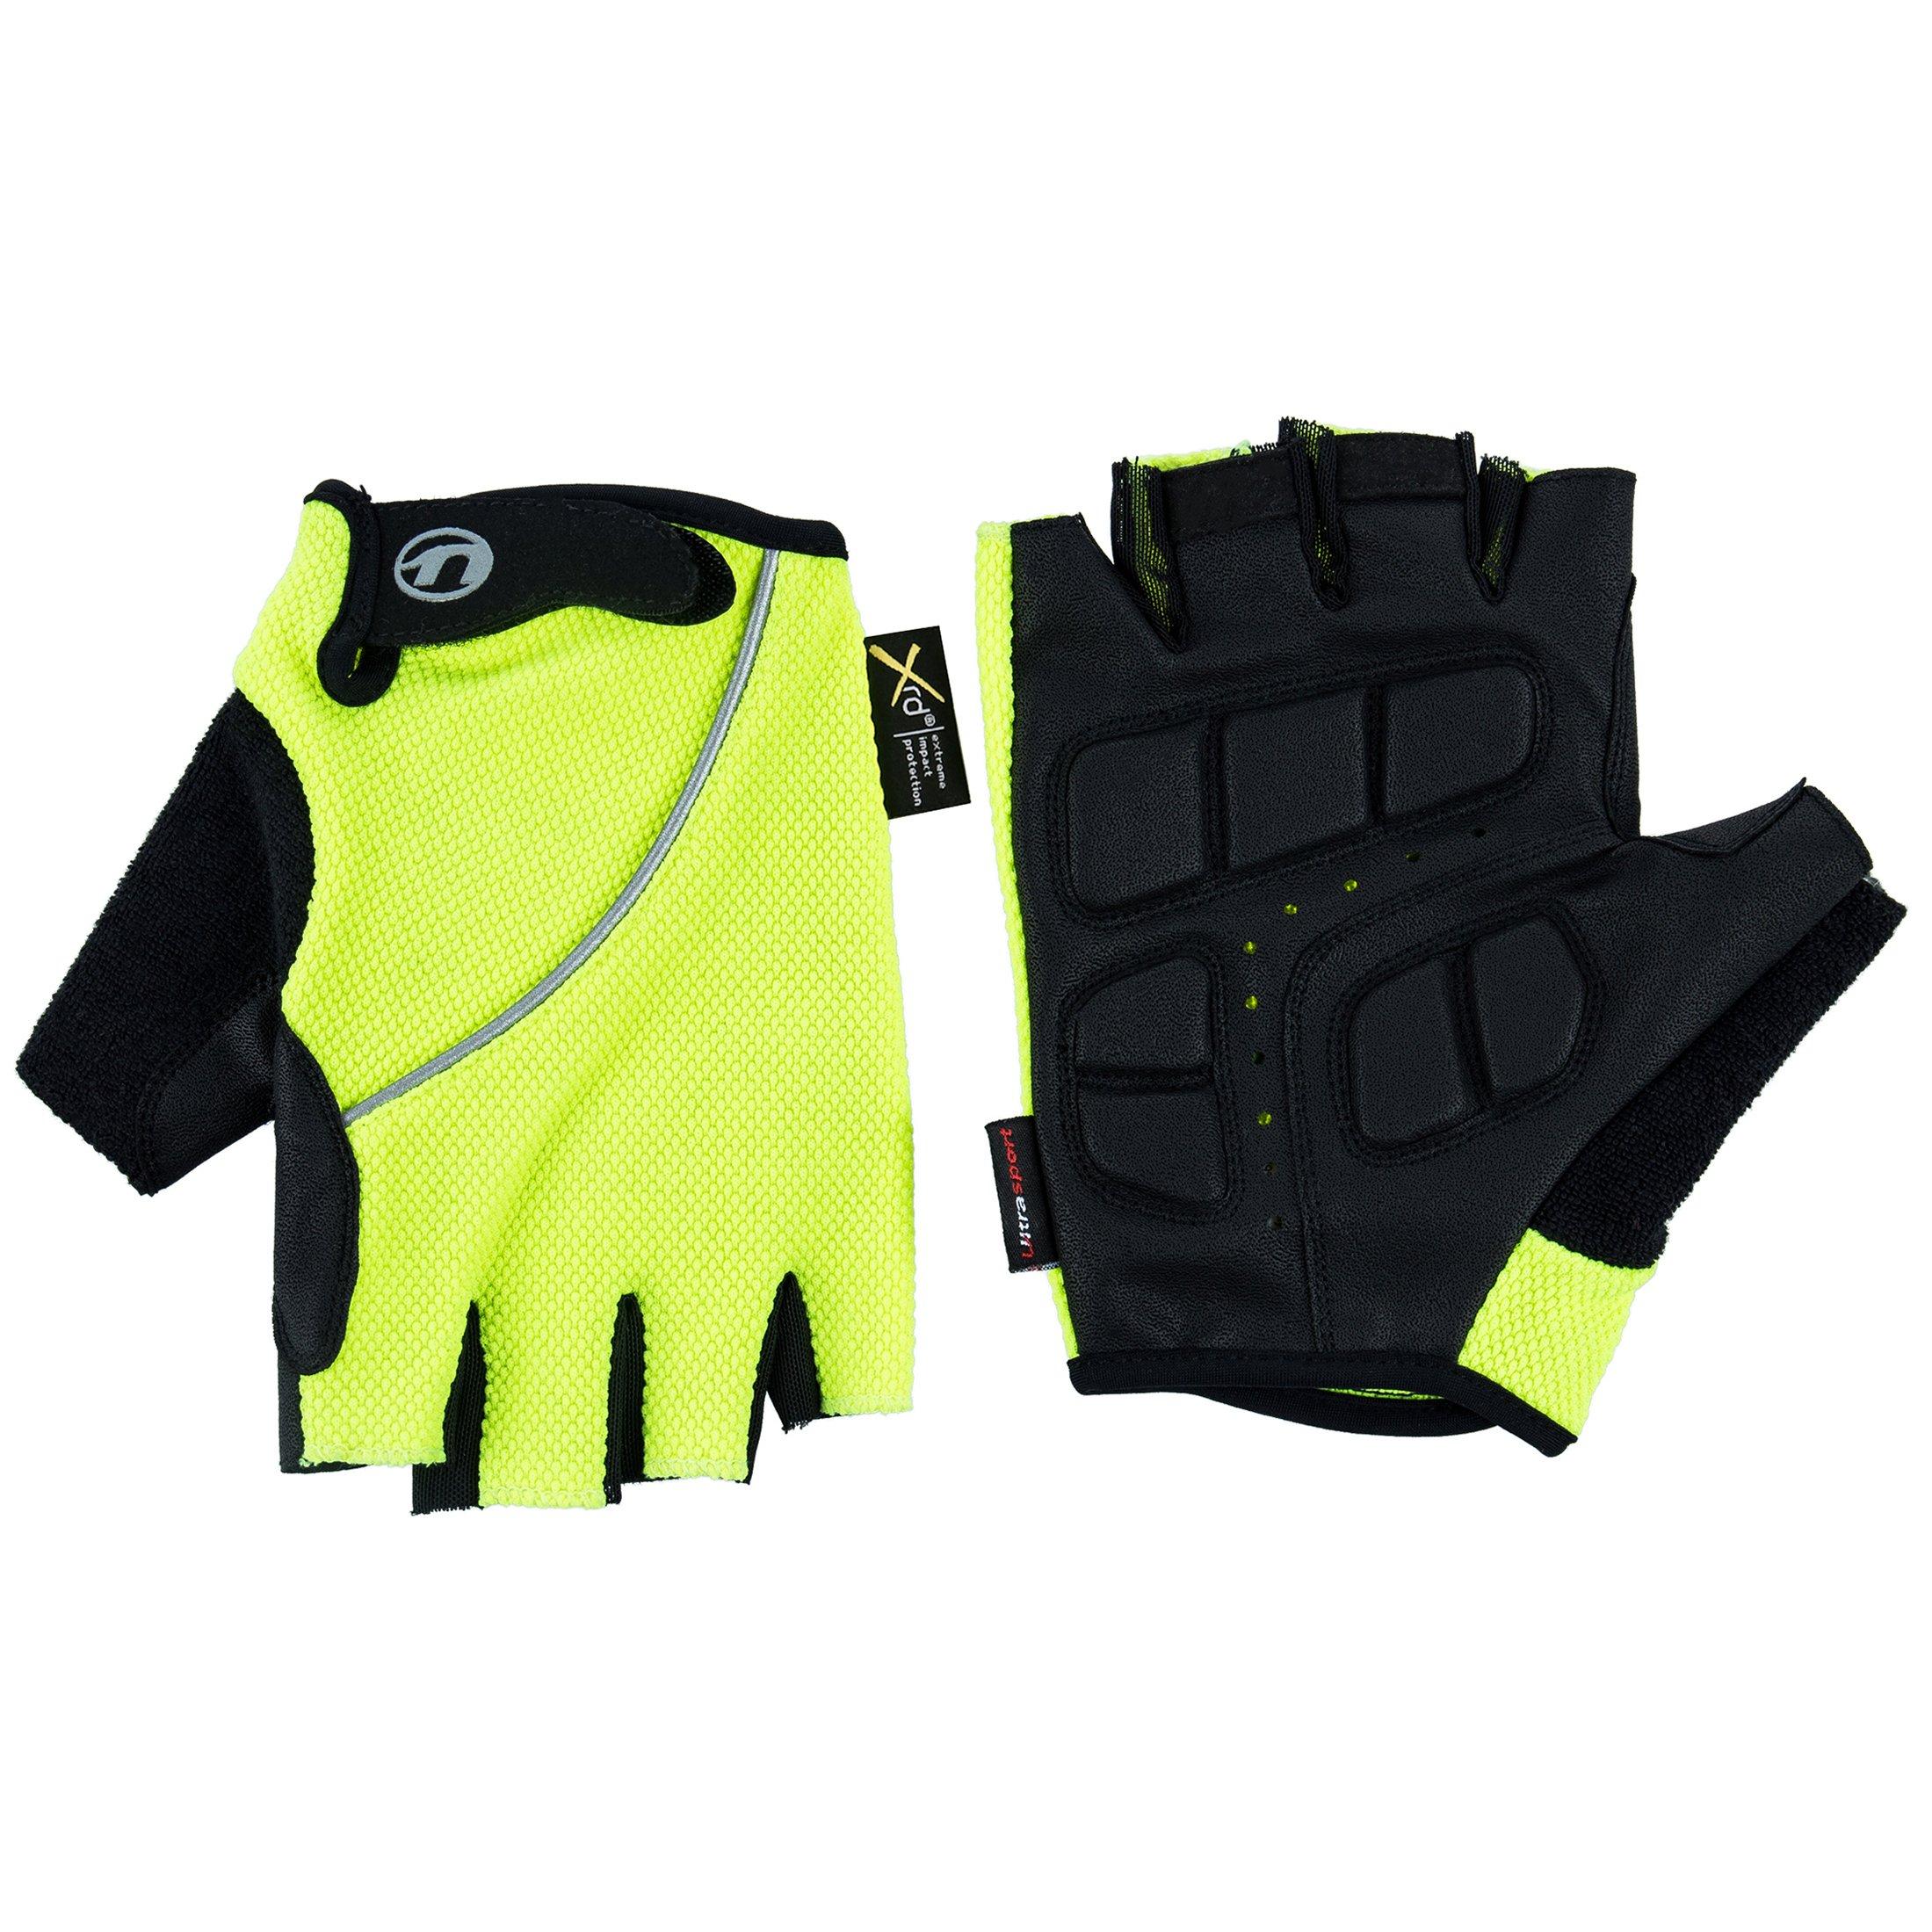 Ultrasport Herren Basic Laslo Halbfinger-Handschuhe, neon gelb, L